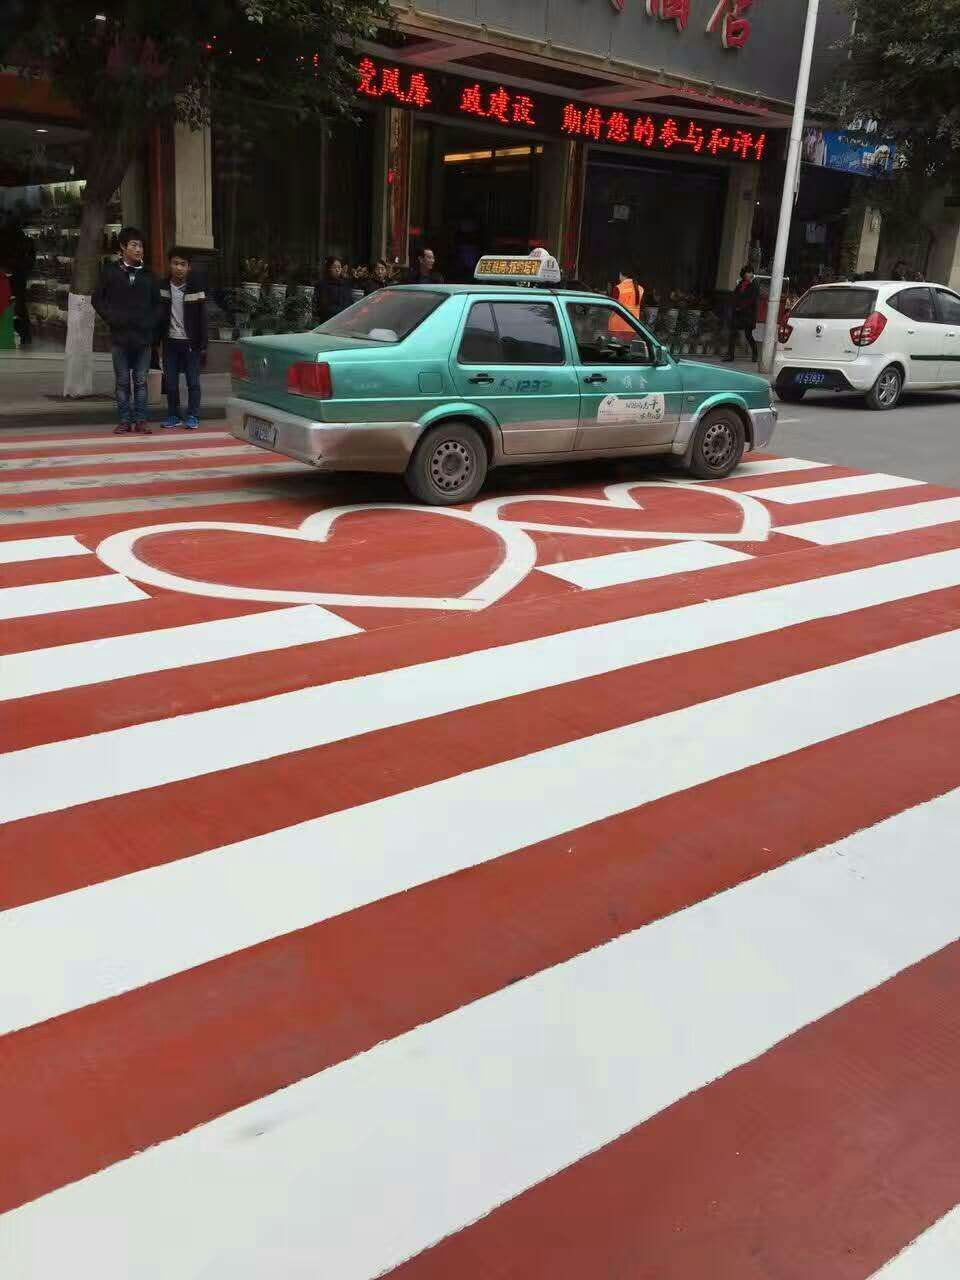 双流区柑梓城镇道路整体改造工程施工现场